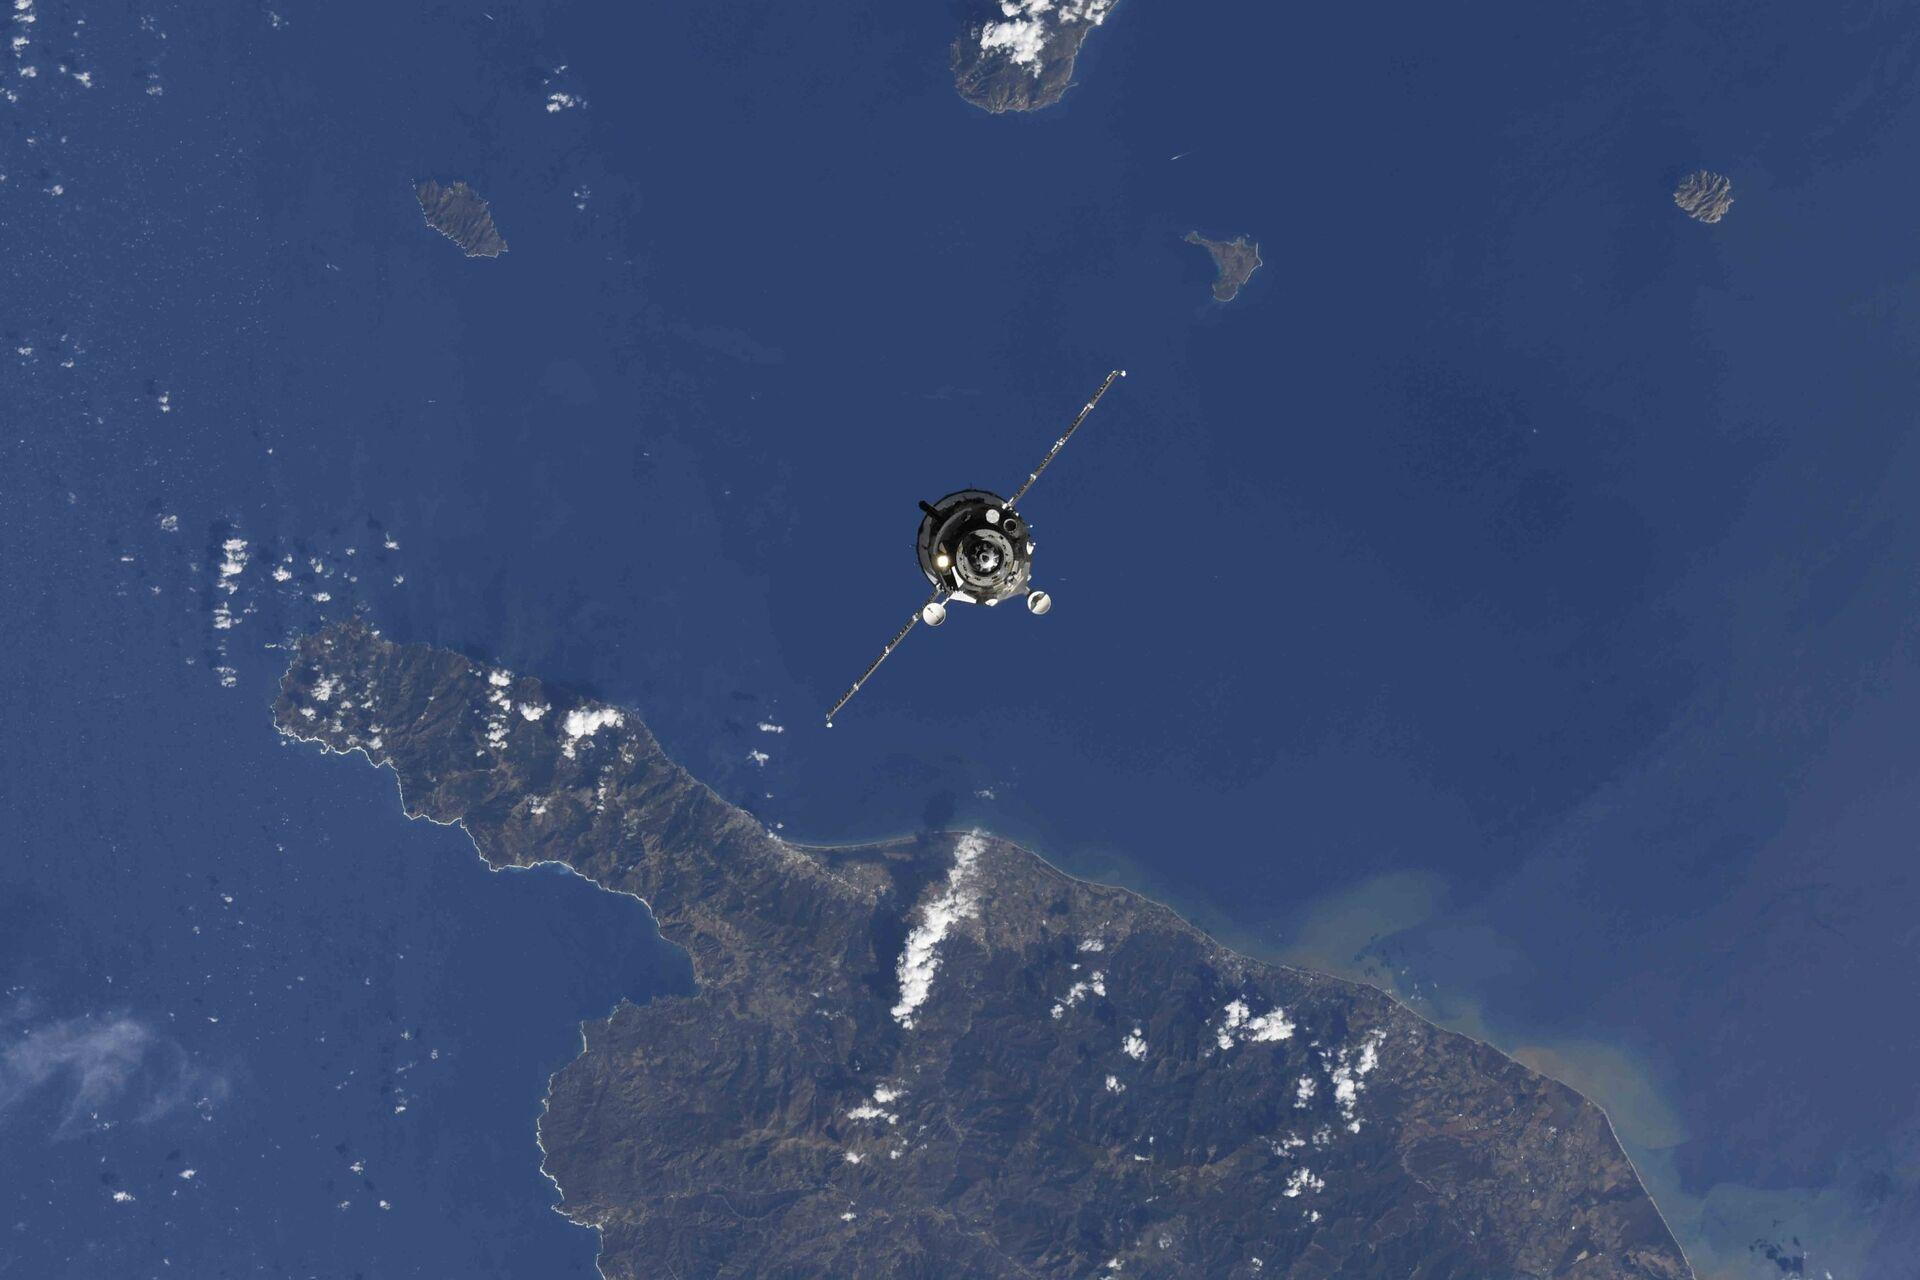 Lắp ghép tàu vũ trụ có người lái Soyuz MS-19 với ISS - Sputnik Việt Nam, 1920, 06.10.2021